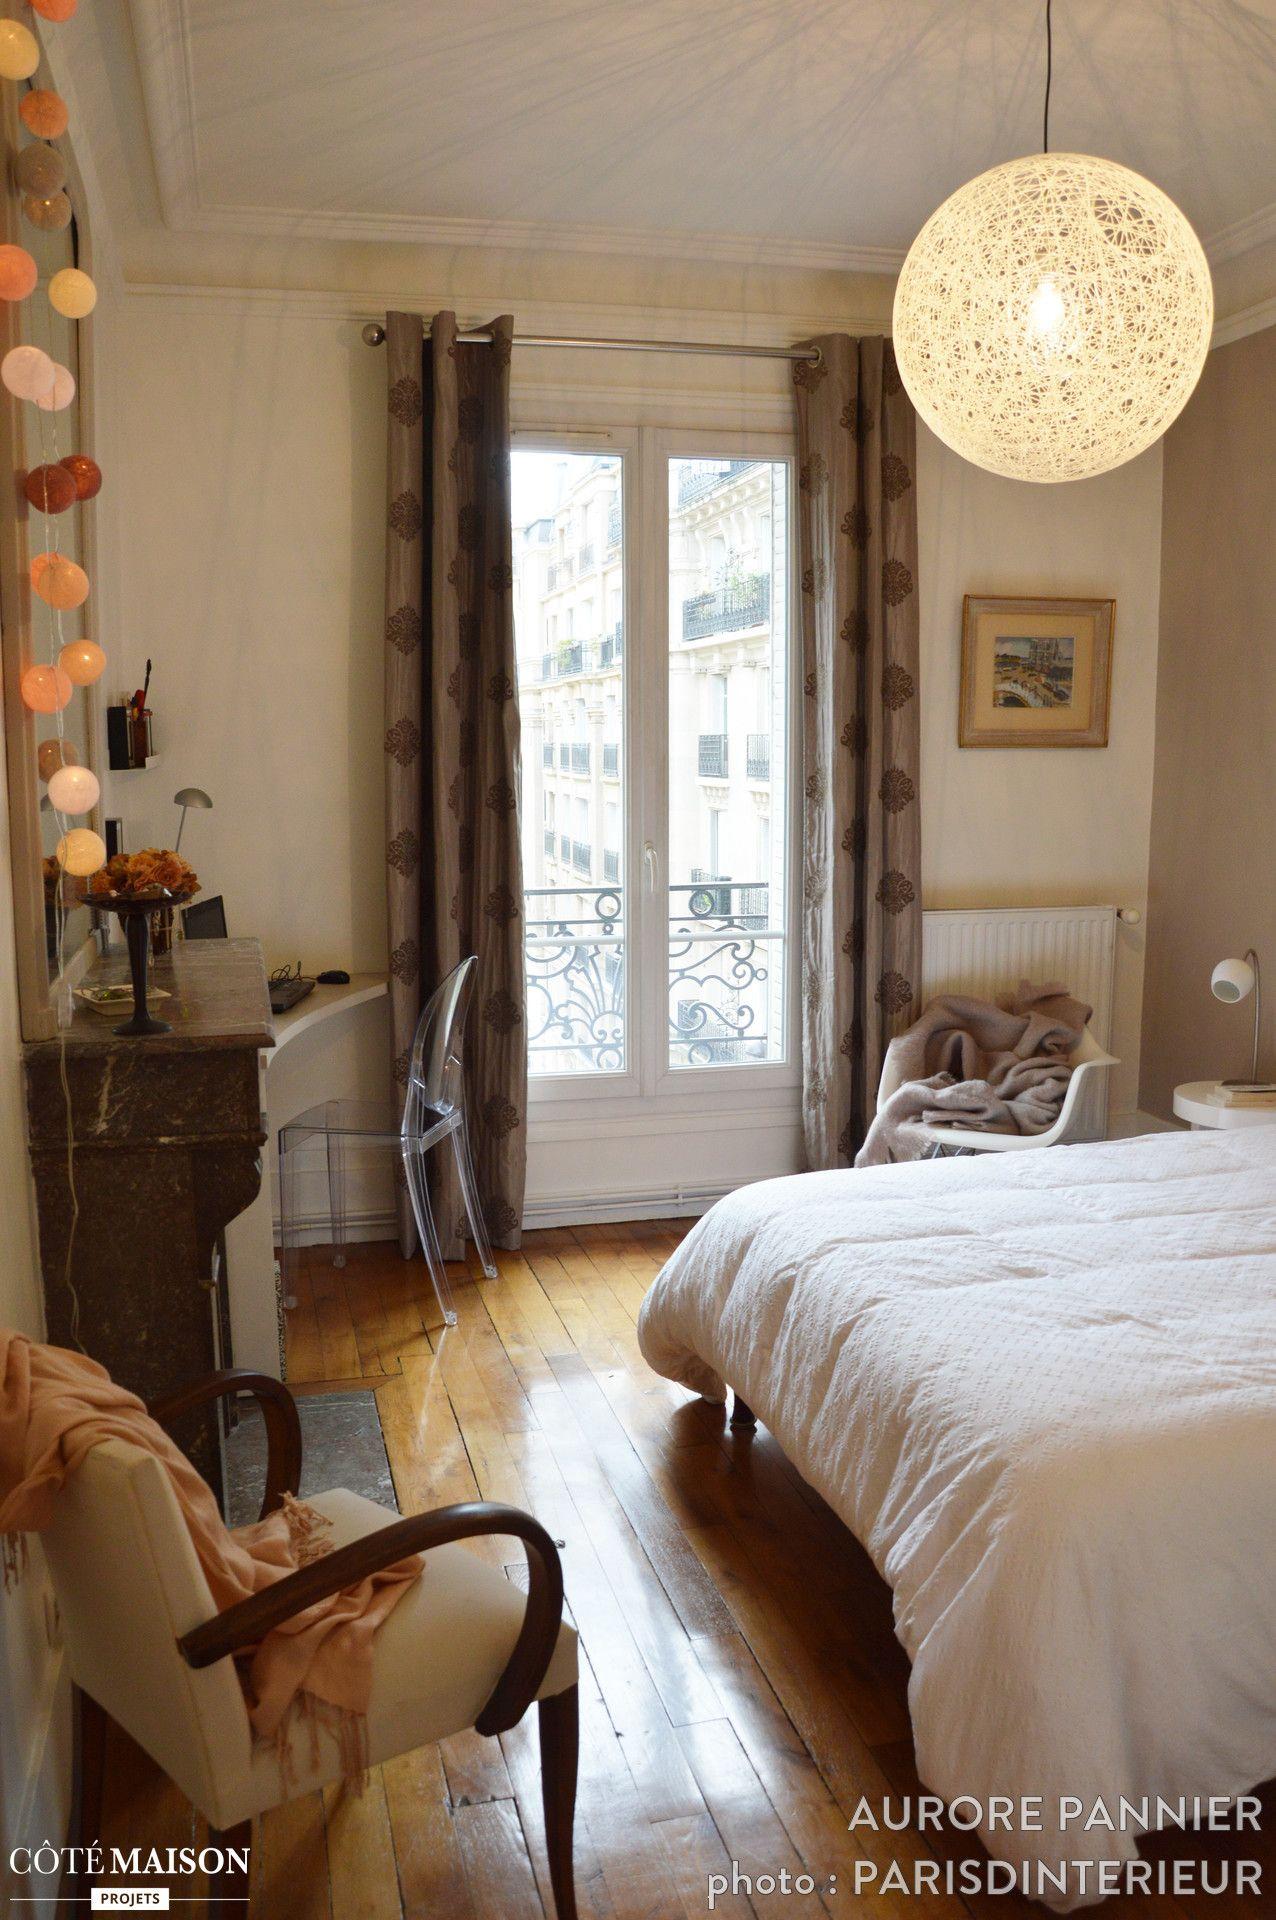 chambre coucher douce avec une lumi re tamis e lampe en forme de sph re d co en 2019. Black Bedroom Furniture Sets. Home Design Ideas